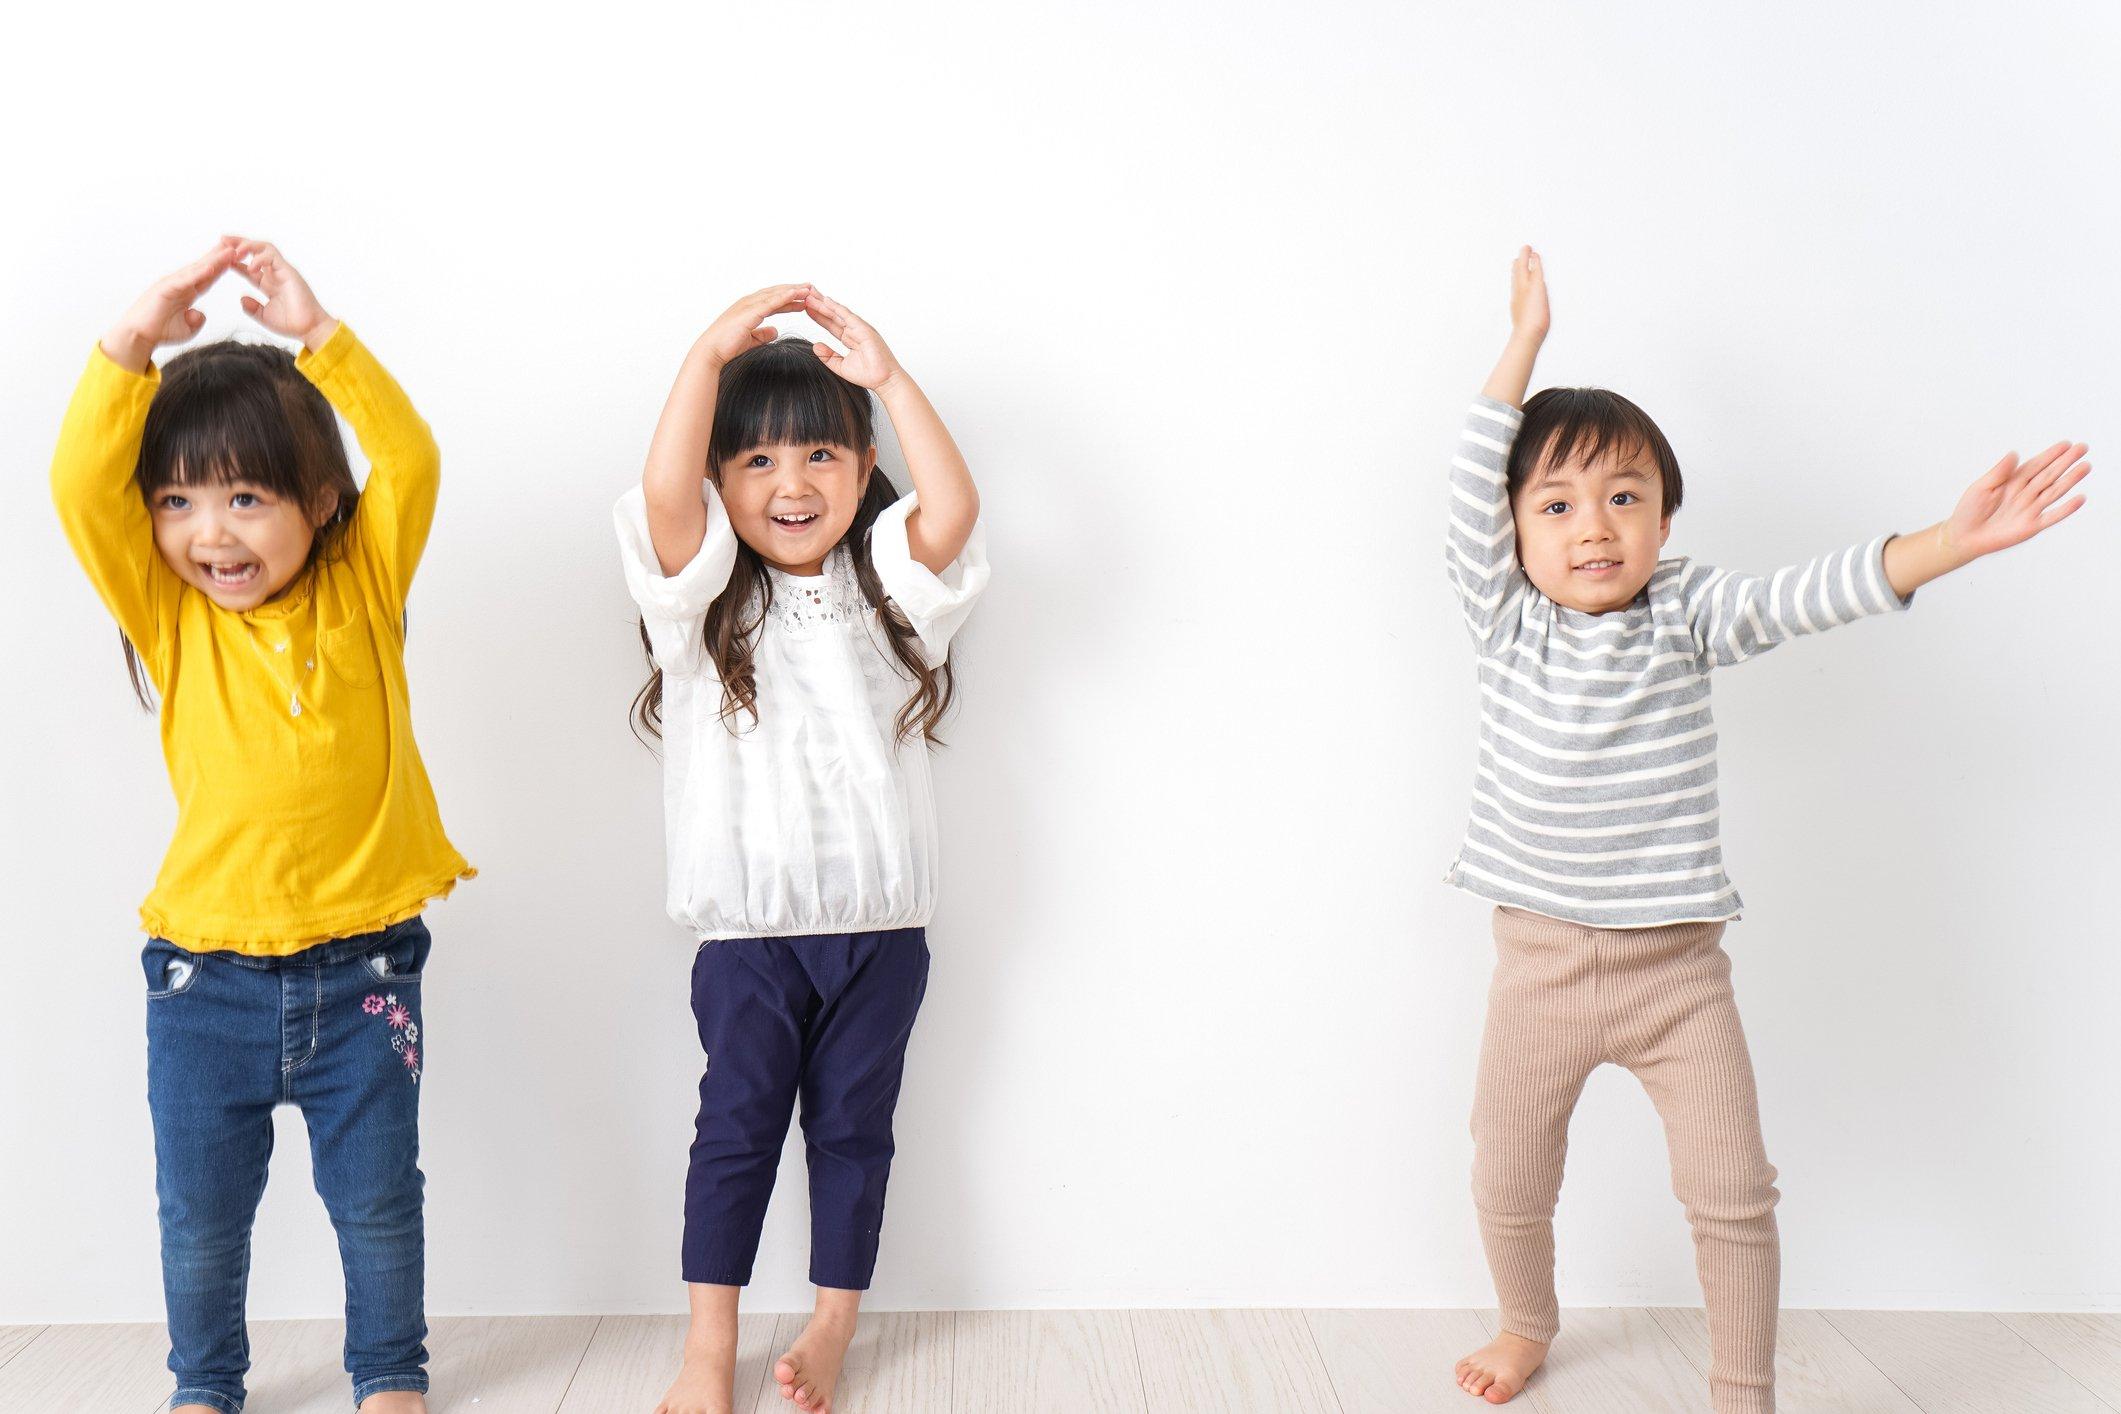 49 Activités Physiques Plaisantes À Faire Avec Des Enfants avec Jeux Enfant 3 Ans En Ligne